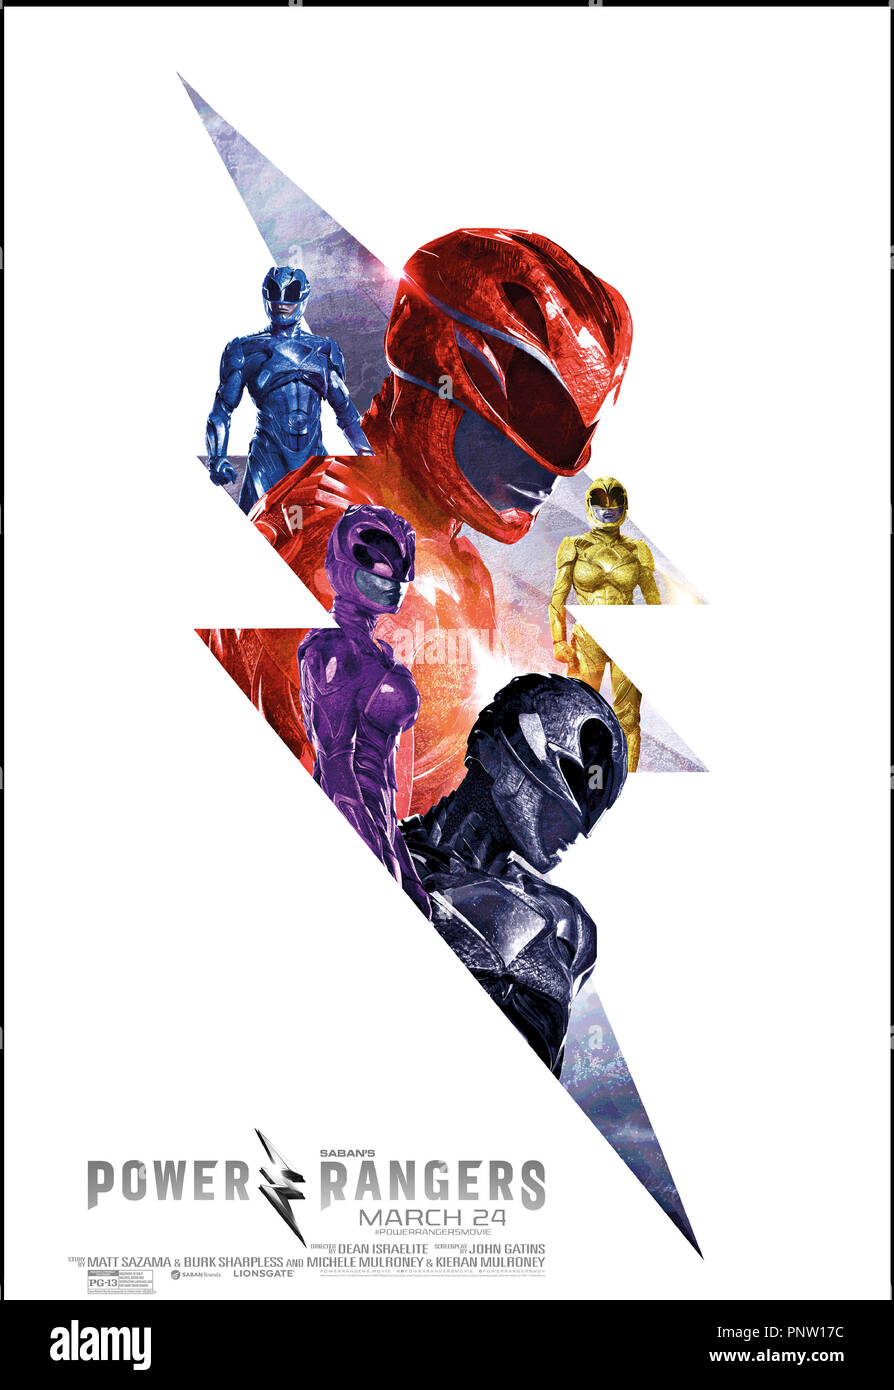 Prod DB © Lionsgate - Saban Brands -Saban Entertainment / DR POWER RANGERS de Dean Israelite 2017 USA teaser americain fantastique, action, super heros d'apres la serie TV 'Mighty Morphin Power Rangers' créée par Haim Saban et Shuki Levy - Stock Image